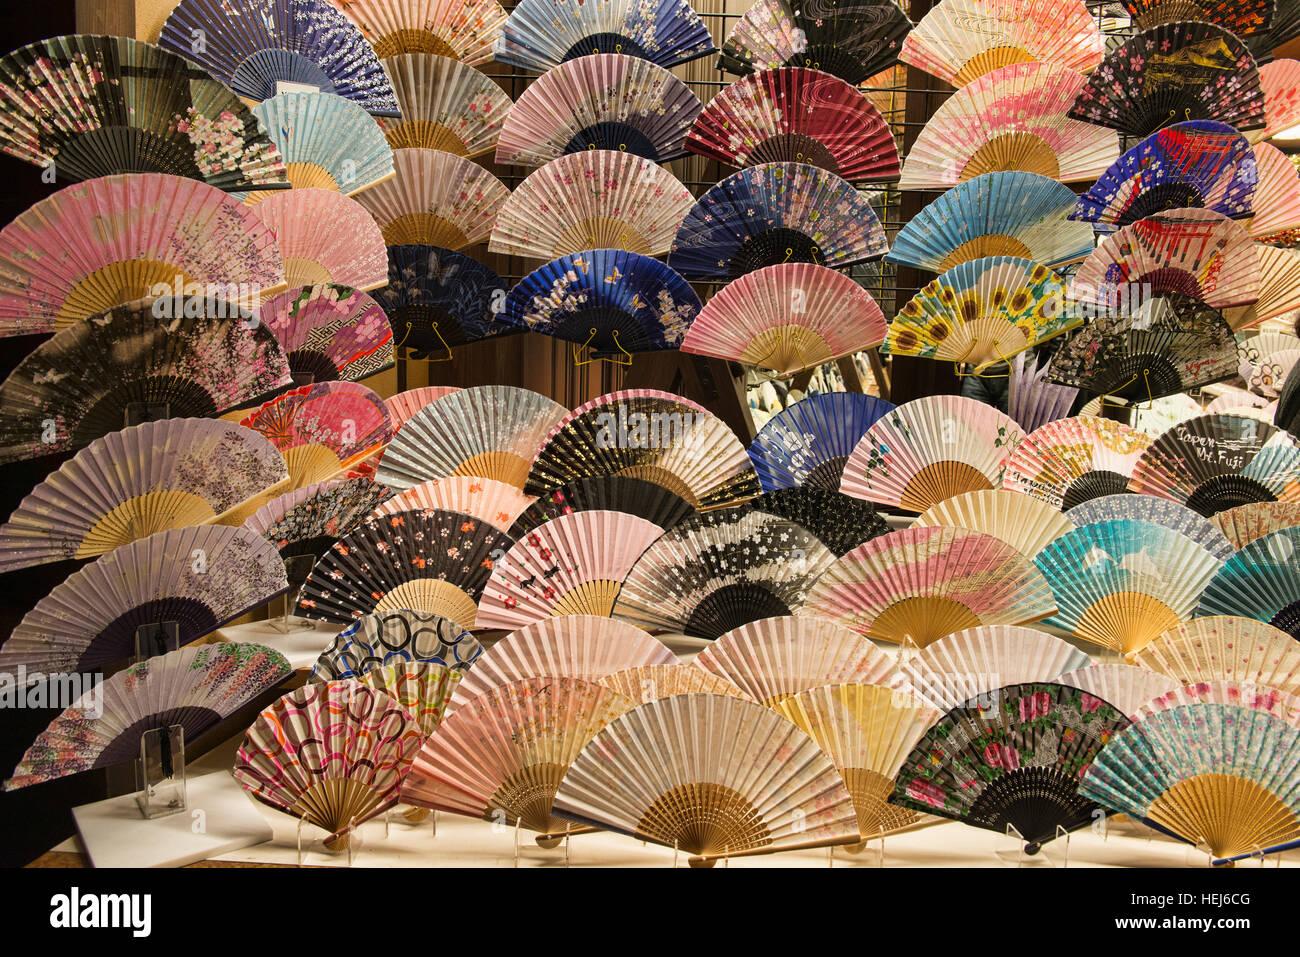 Des fans japonais, Kyoto, Japon Photo Stock